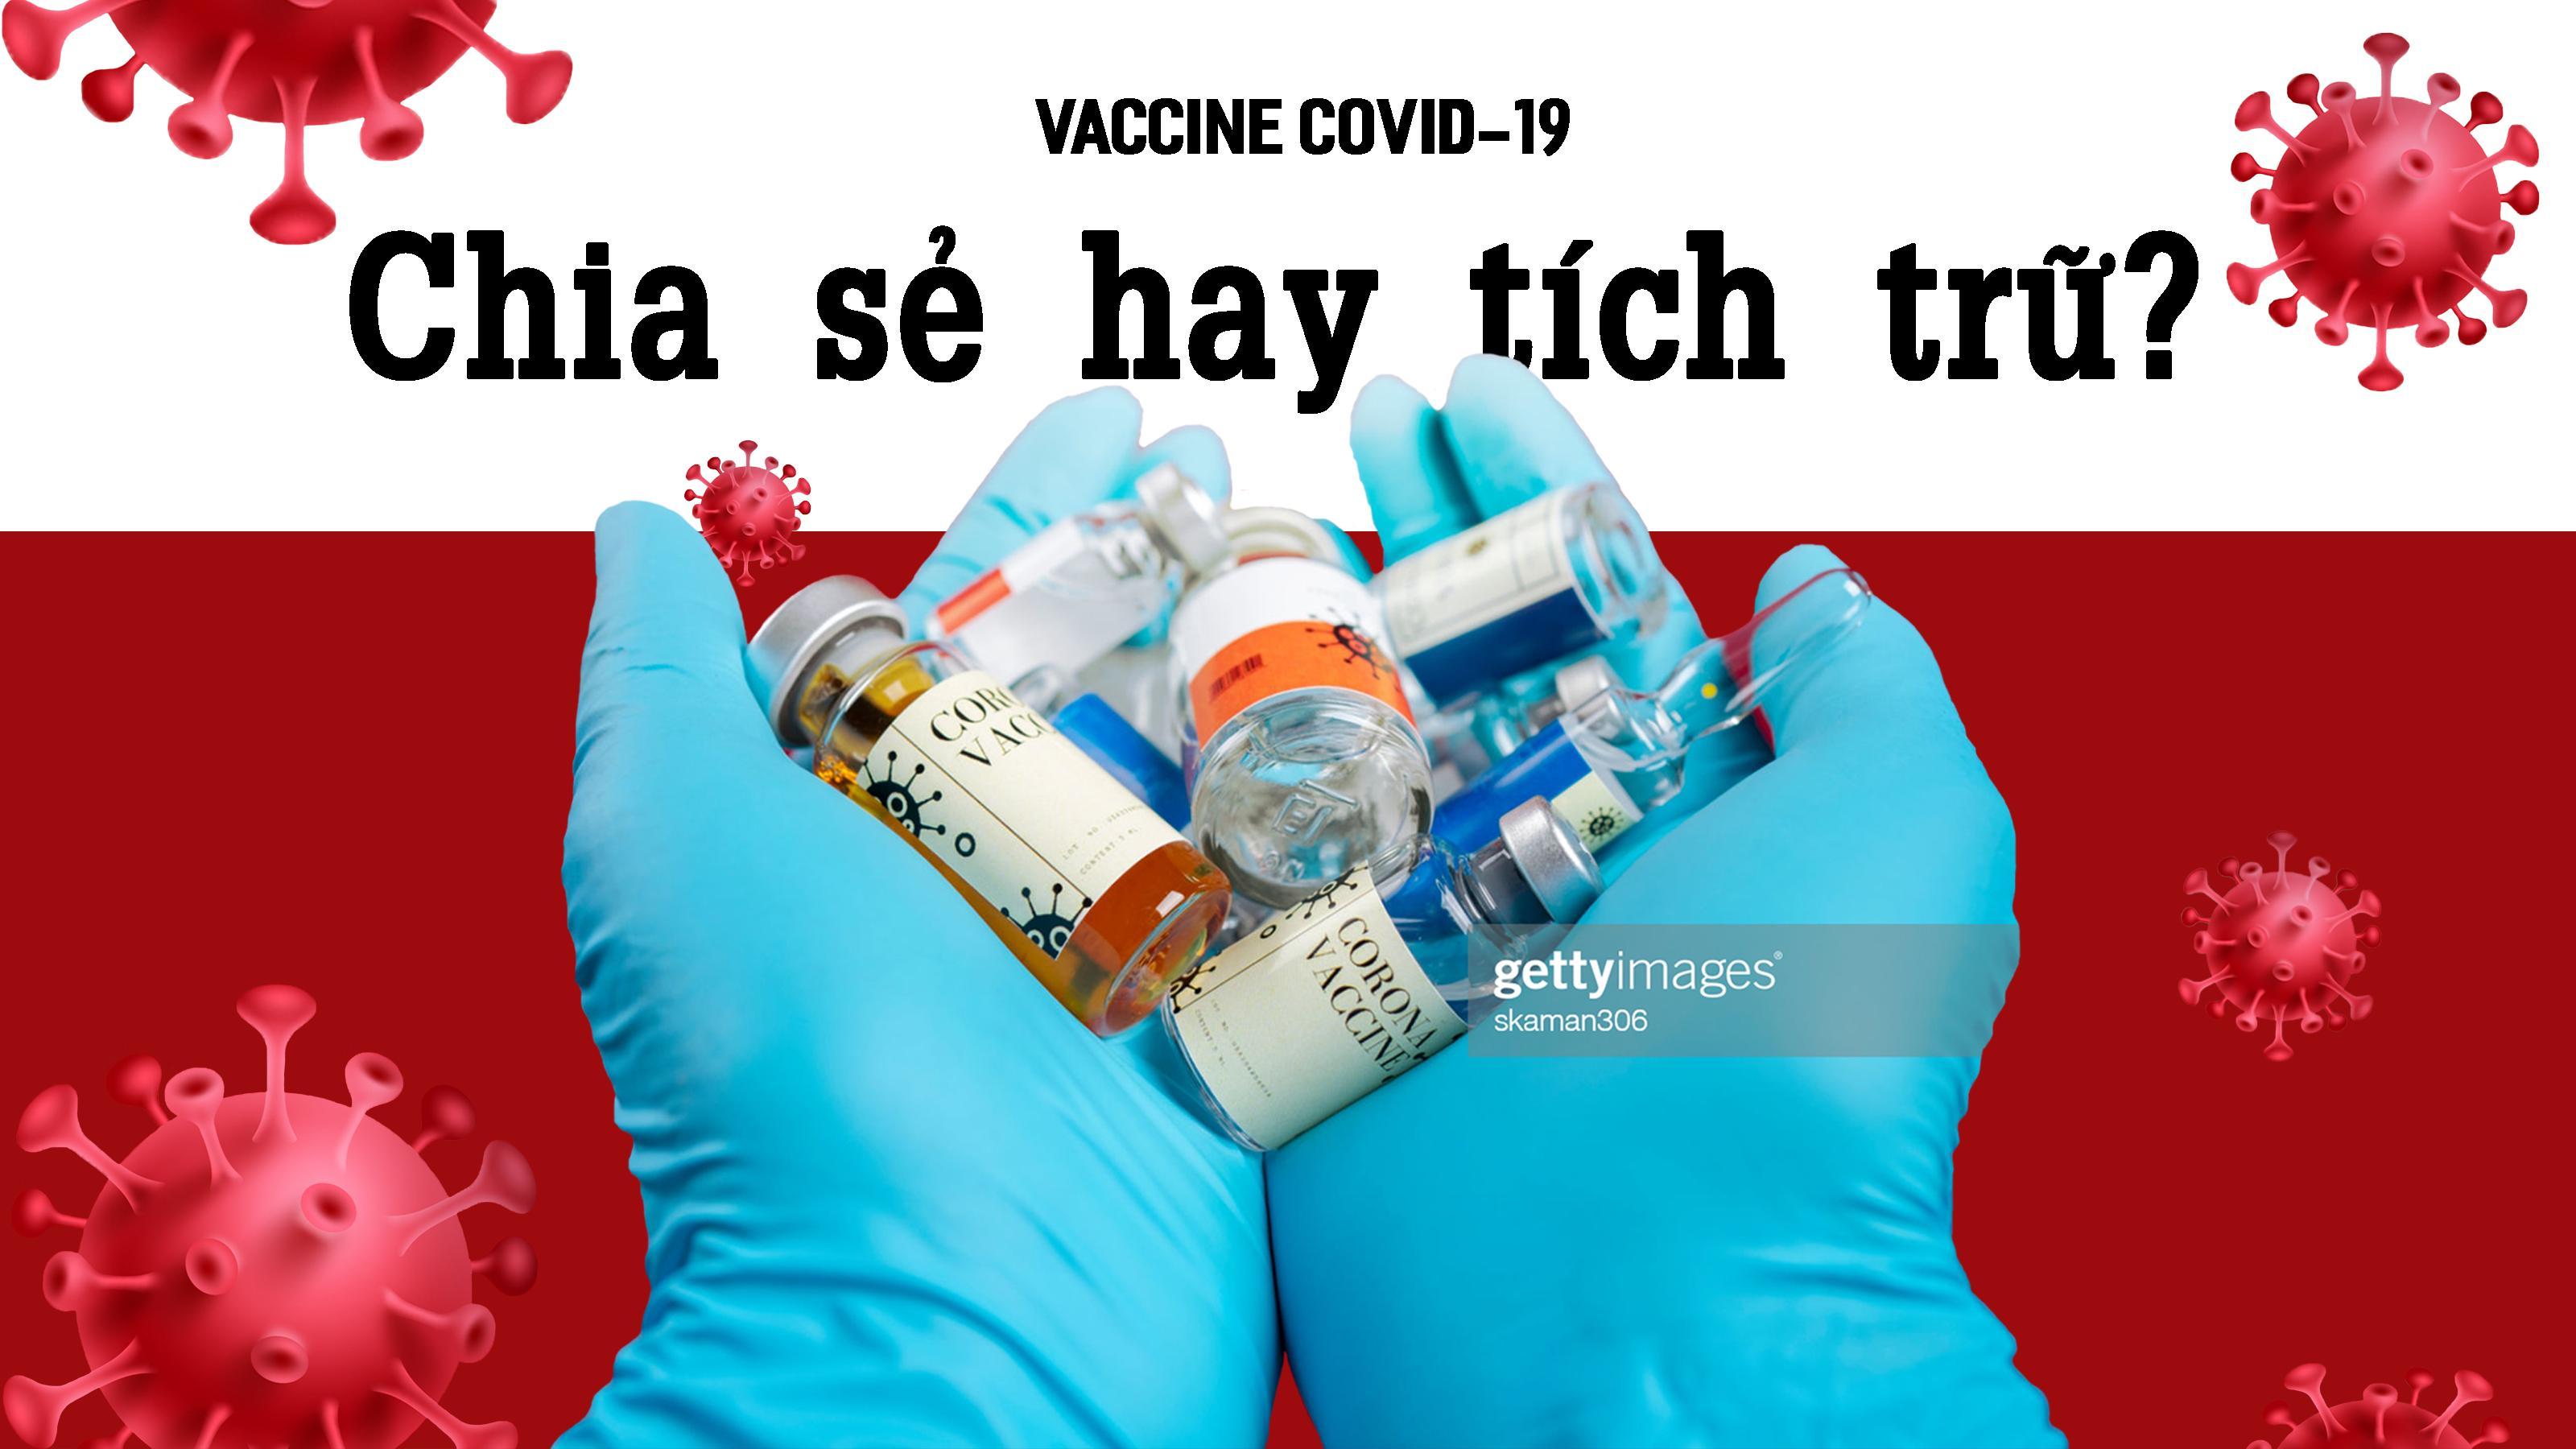 Vaccine COVID-19: Chia sẻ hay tích trữ?